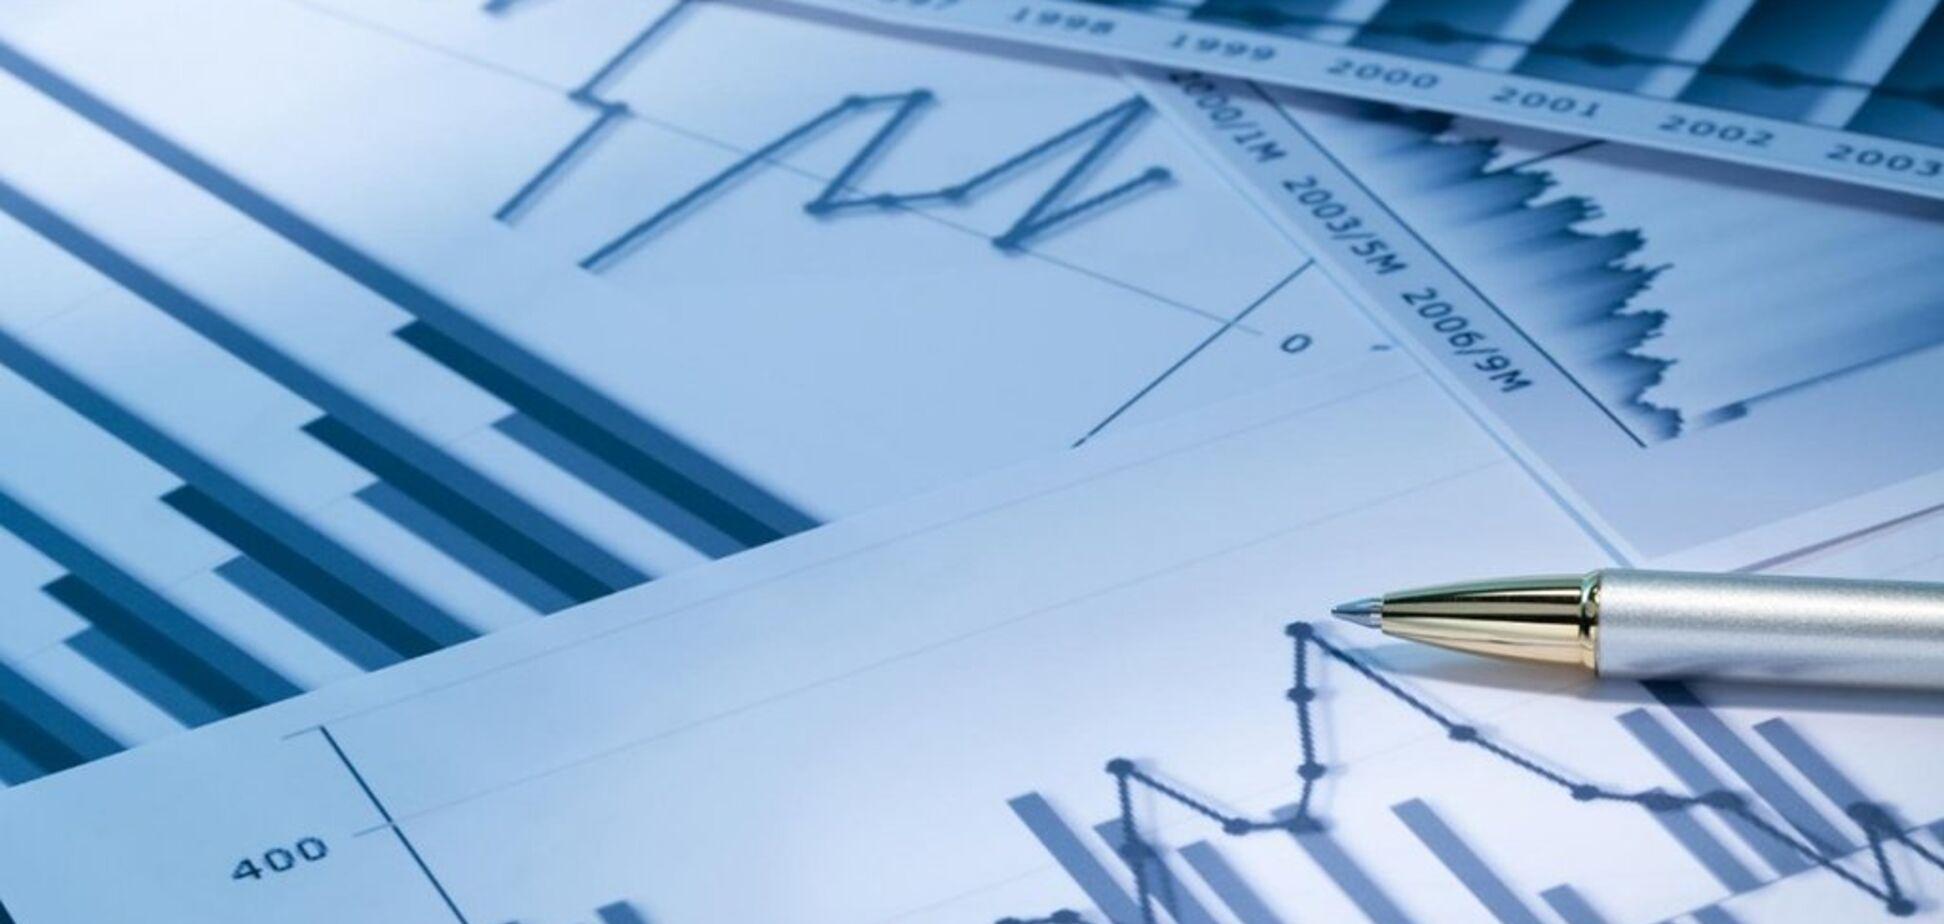 Україна встановила антирекорд на фінансовому ринку